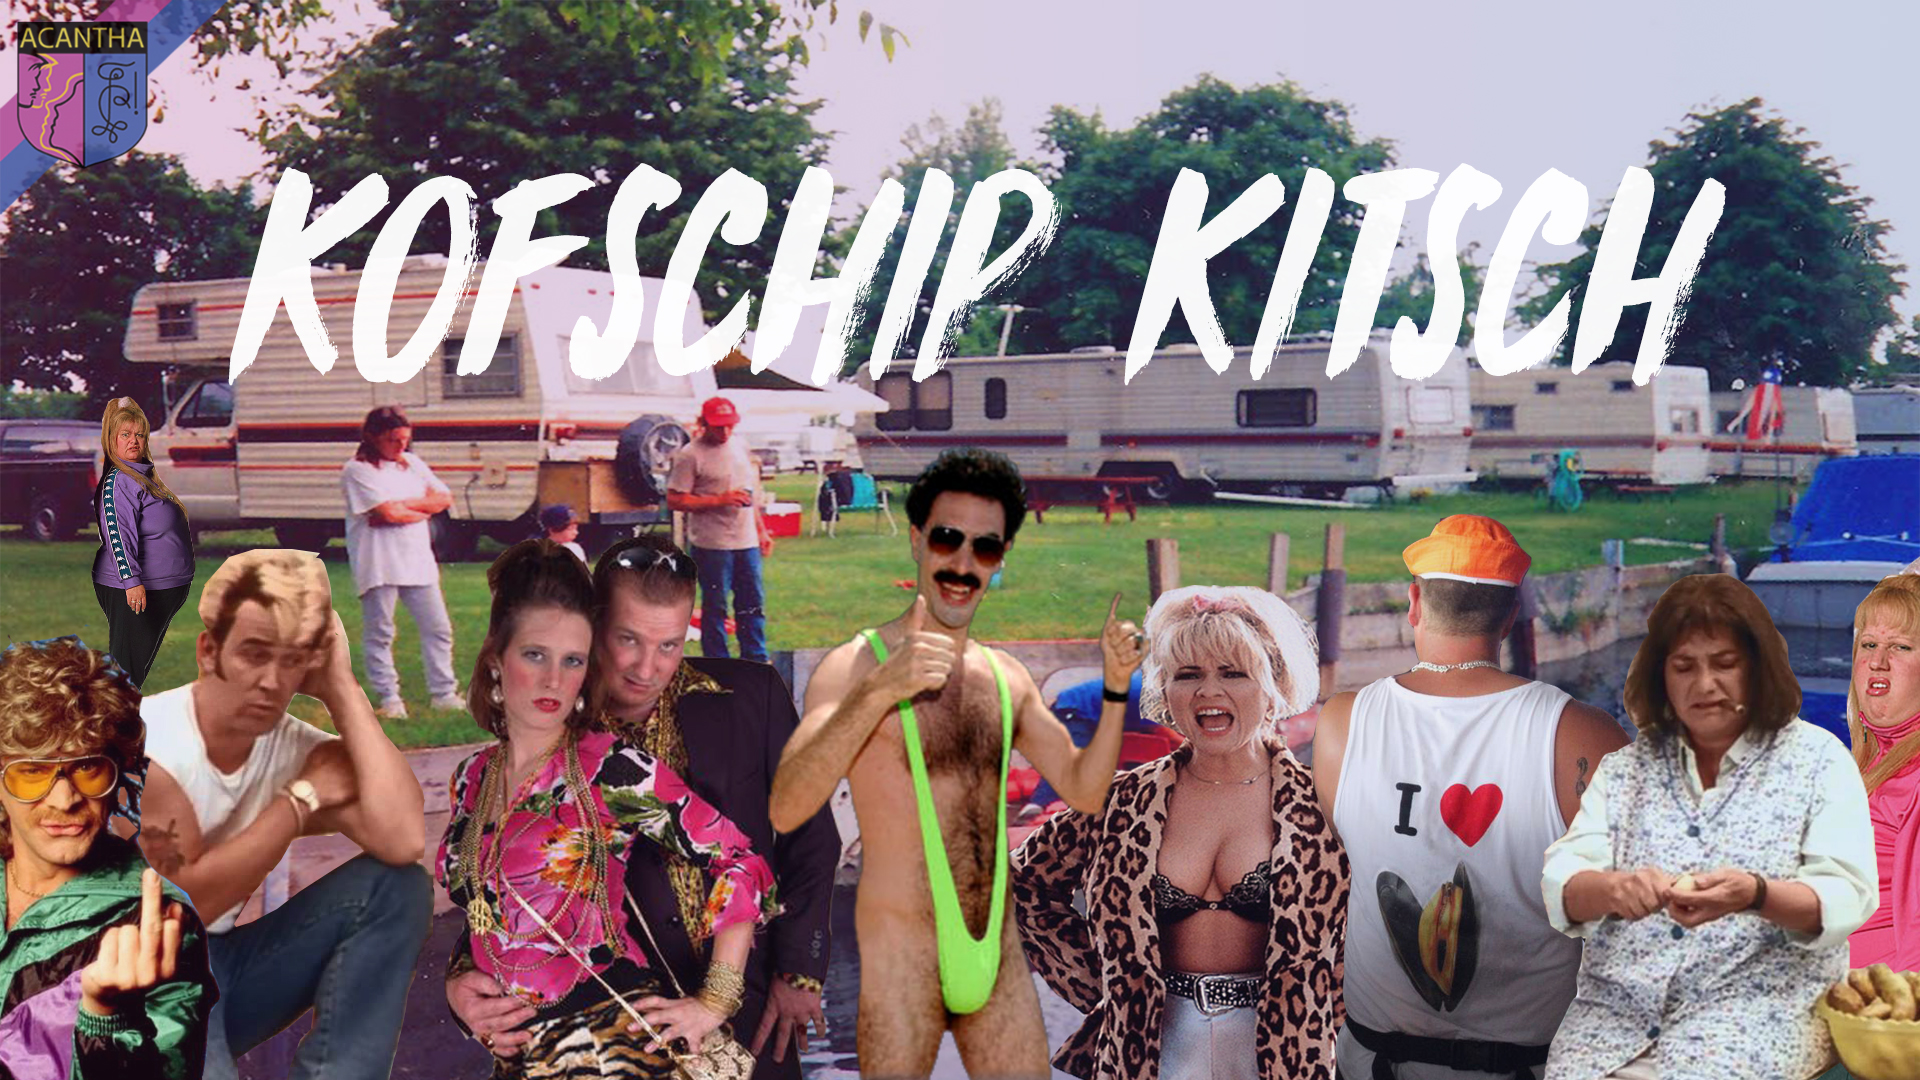 Acantha's Après-blok: Kofschip Kitsch